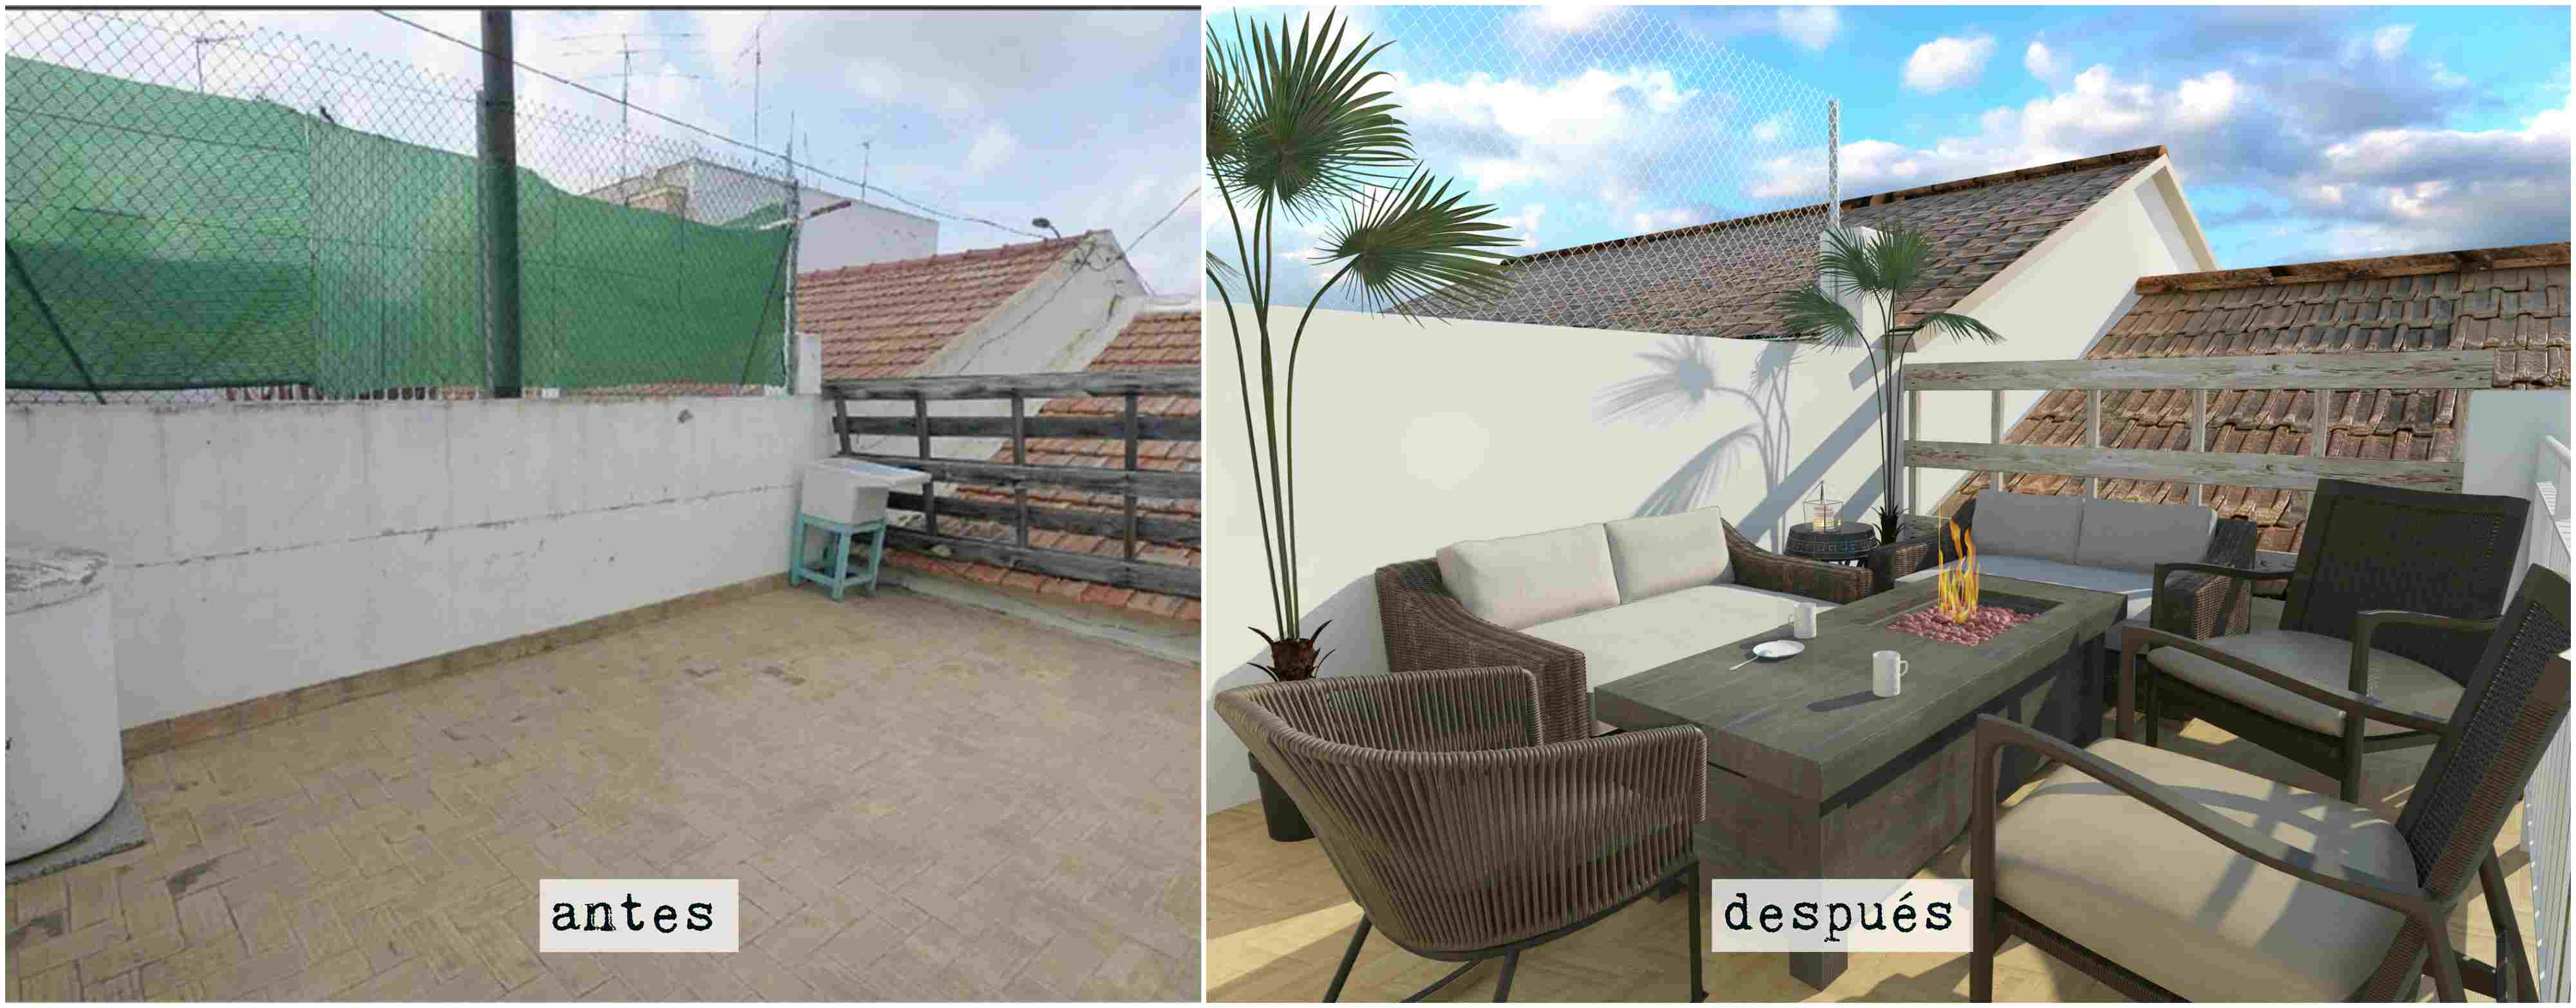 glancing eye. contratacion imagenes en 3d y renders antes y después terraza